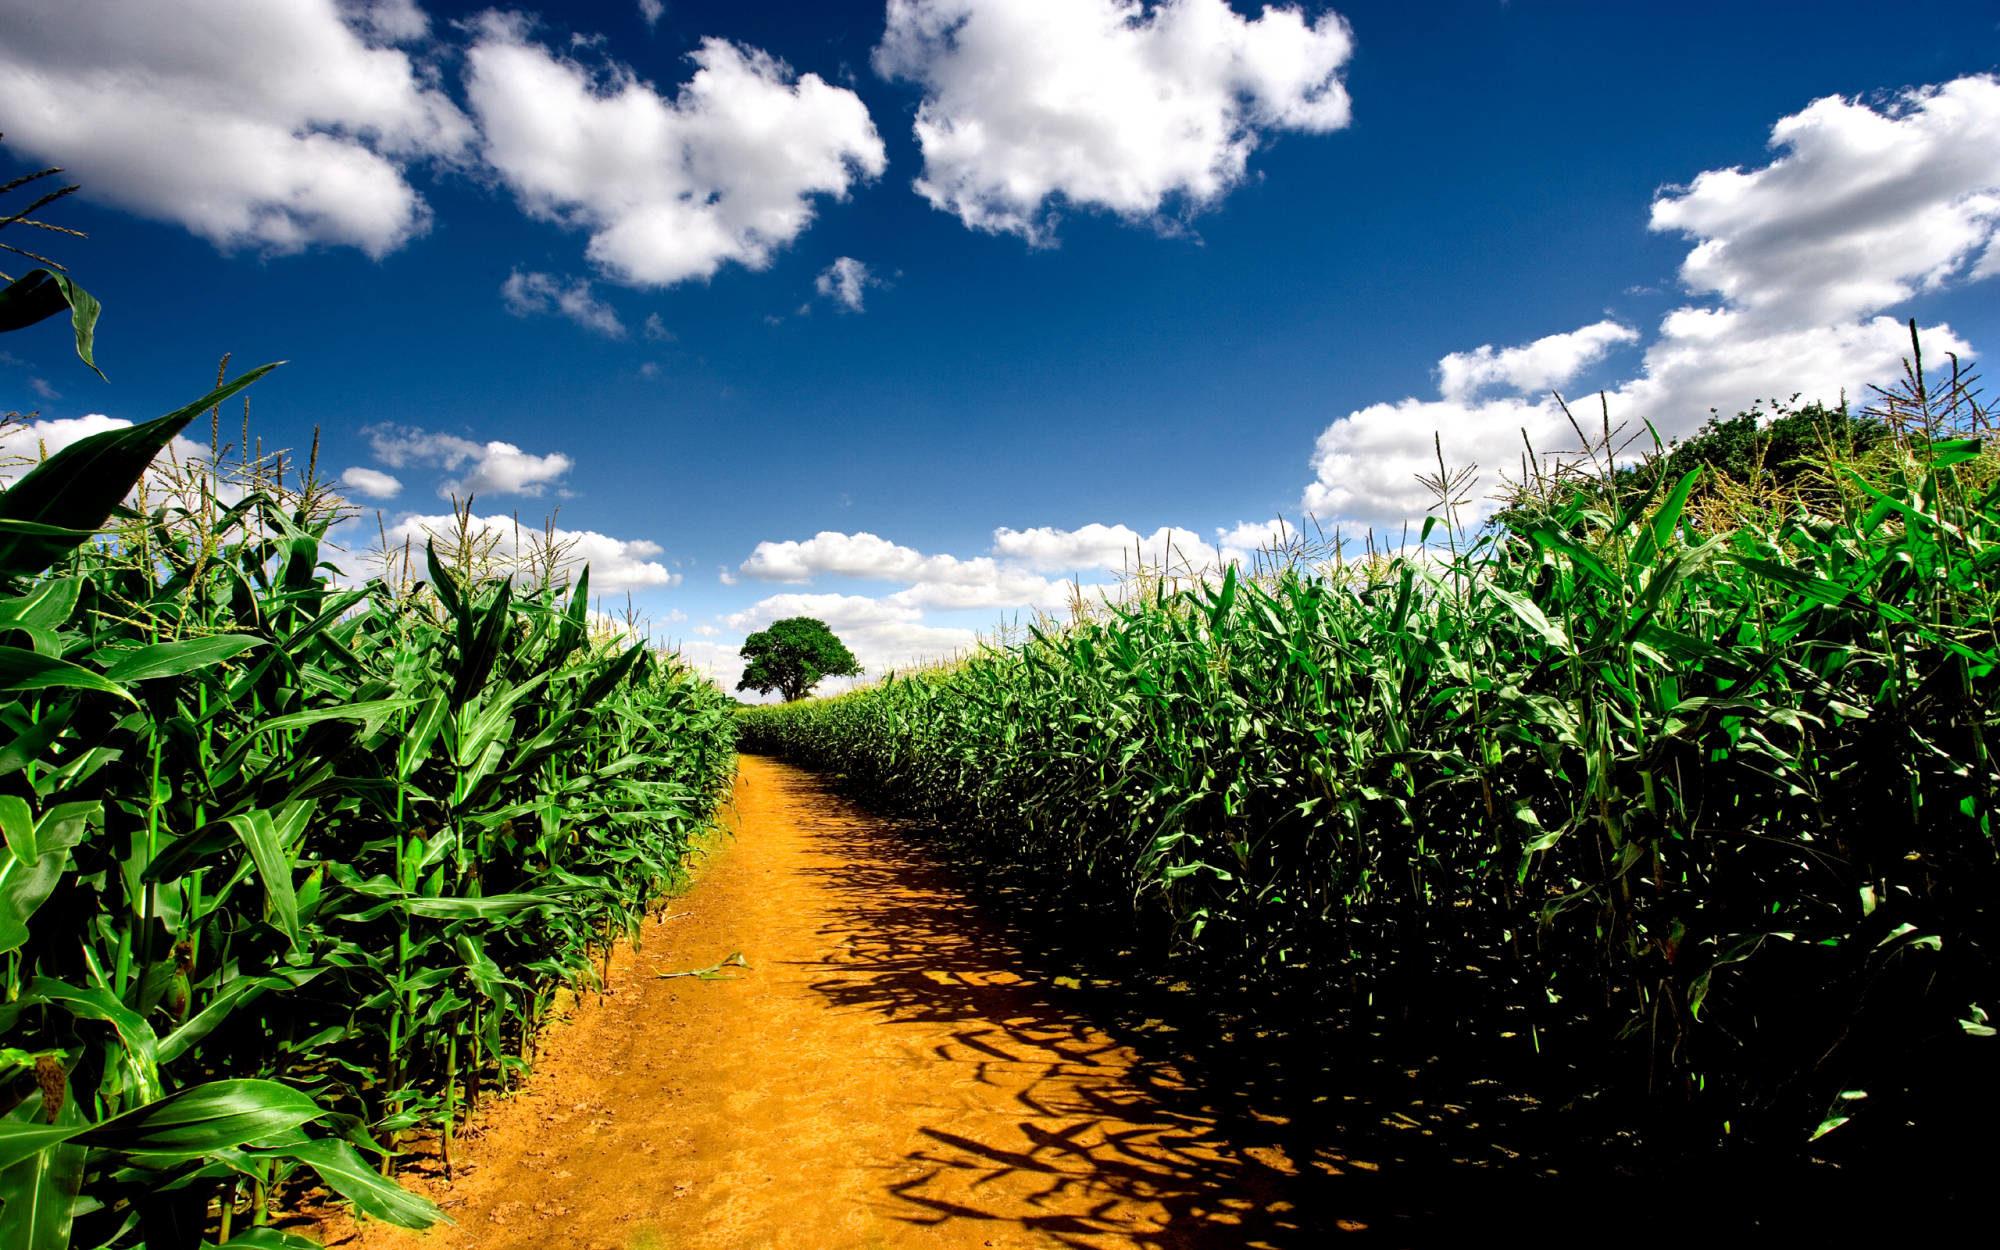 Світовий банк підтримав плани українського уряду відкрити ринок землі -  - clouds corn farms fields nature wallpaper 500 2000x1250 2000x1250